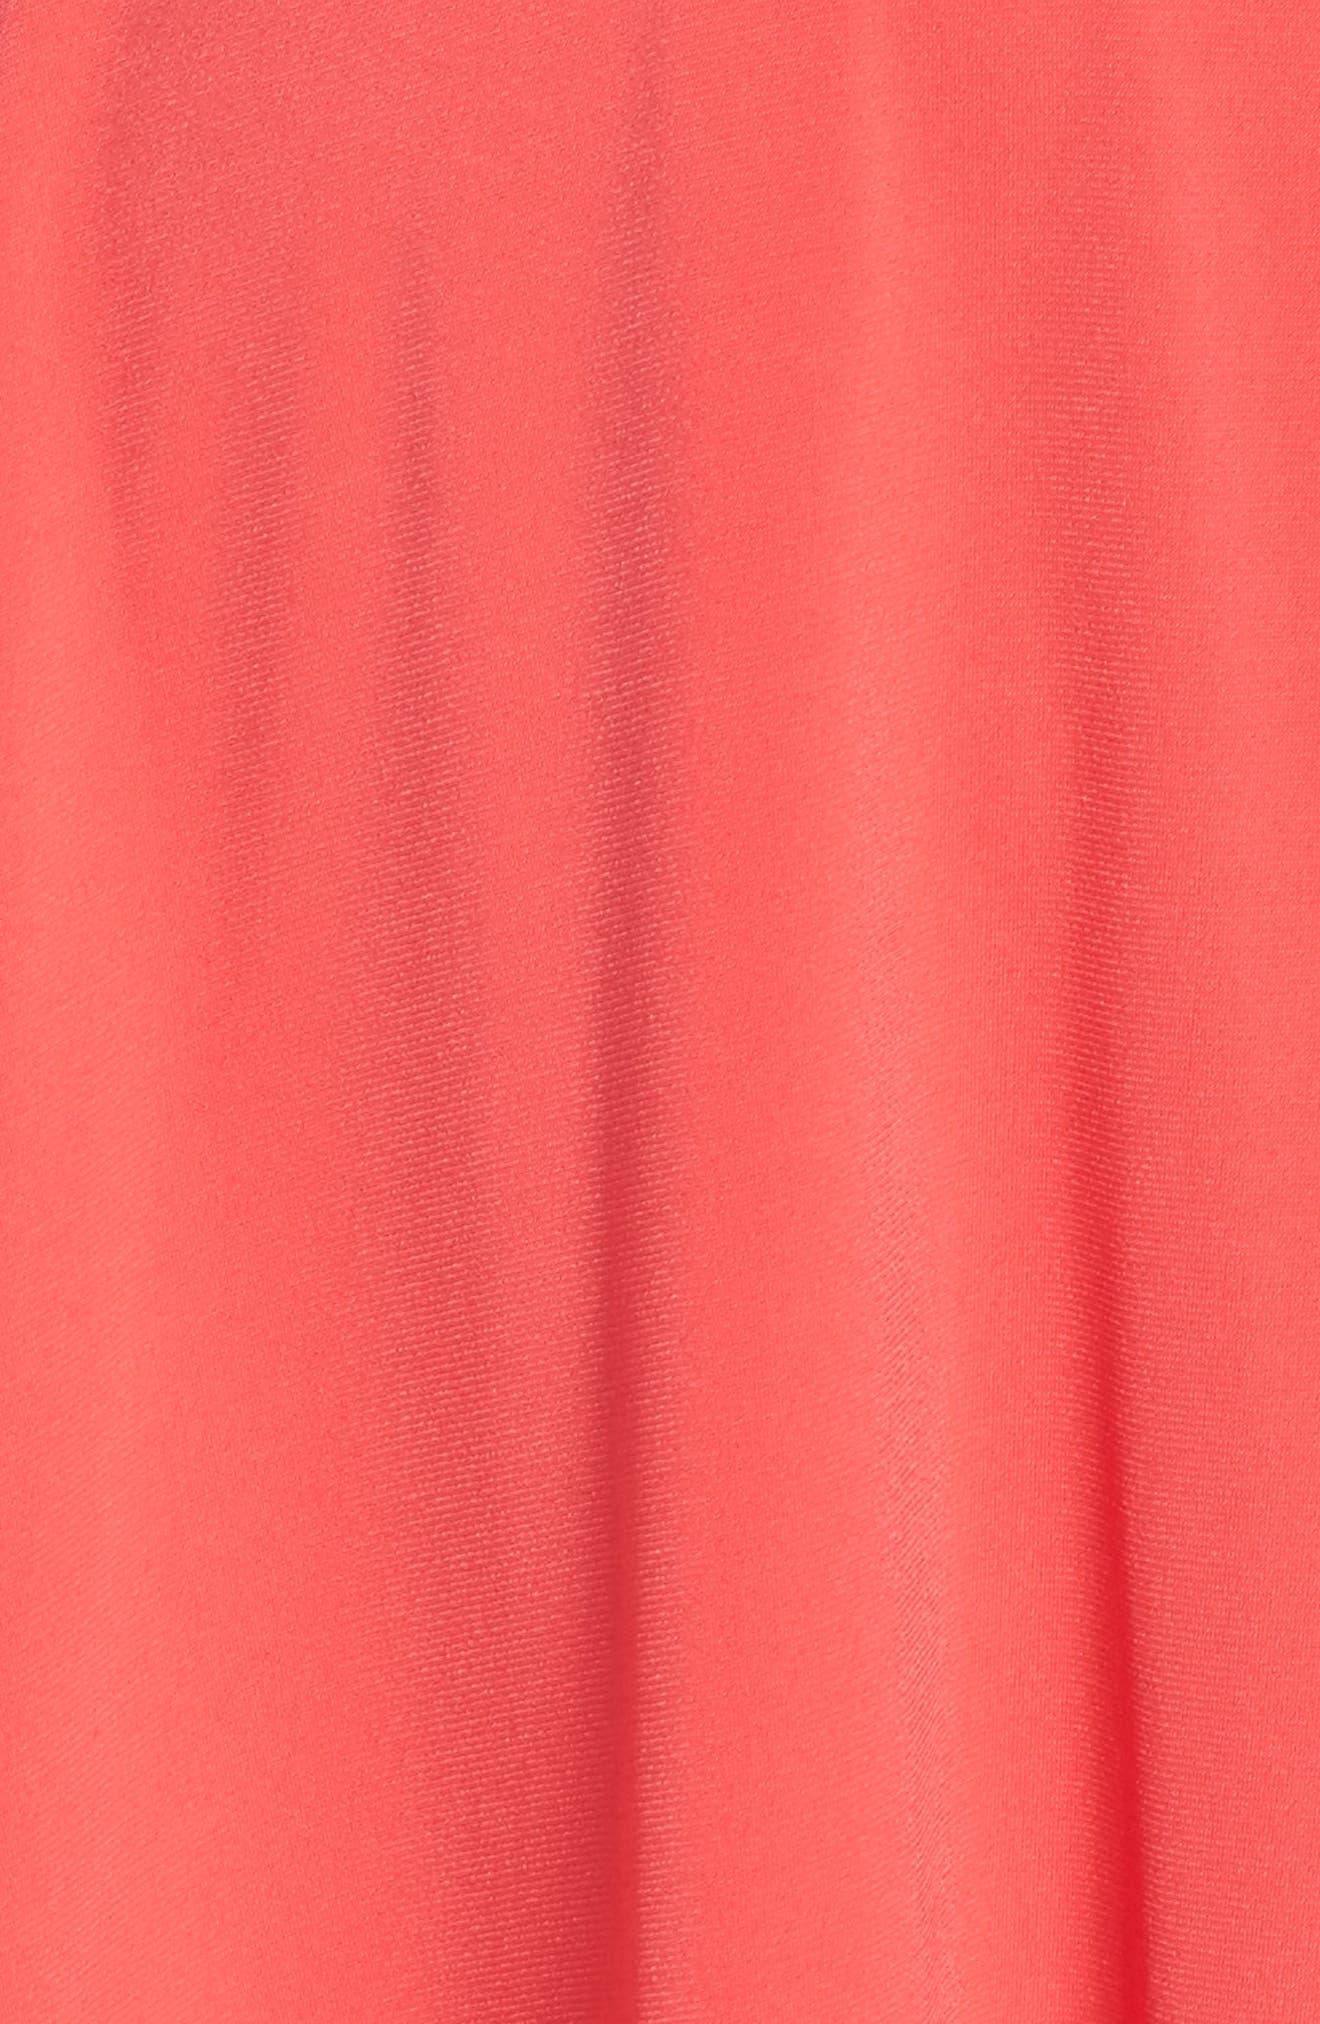 Split Shoulder High/Low Knit Dress,                             Alternate thumbnail 5, color,                             Pink